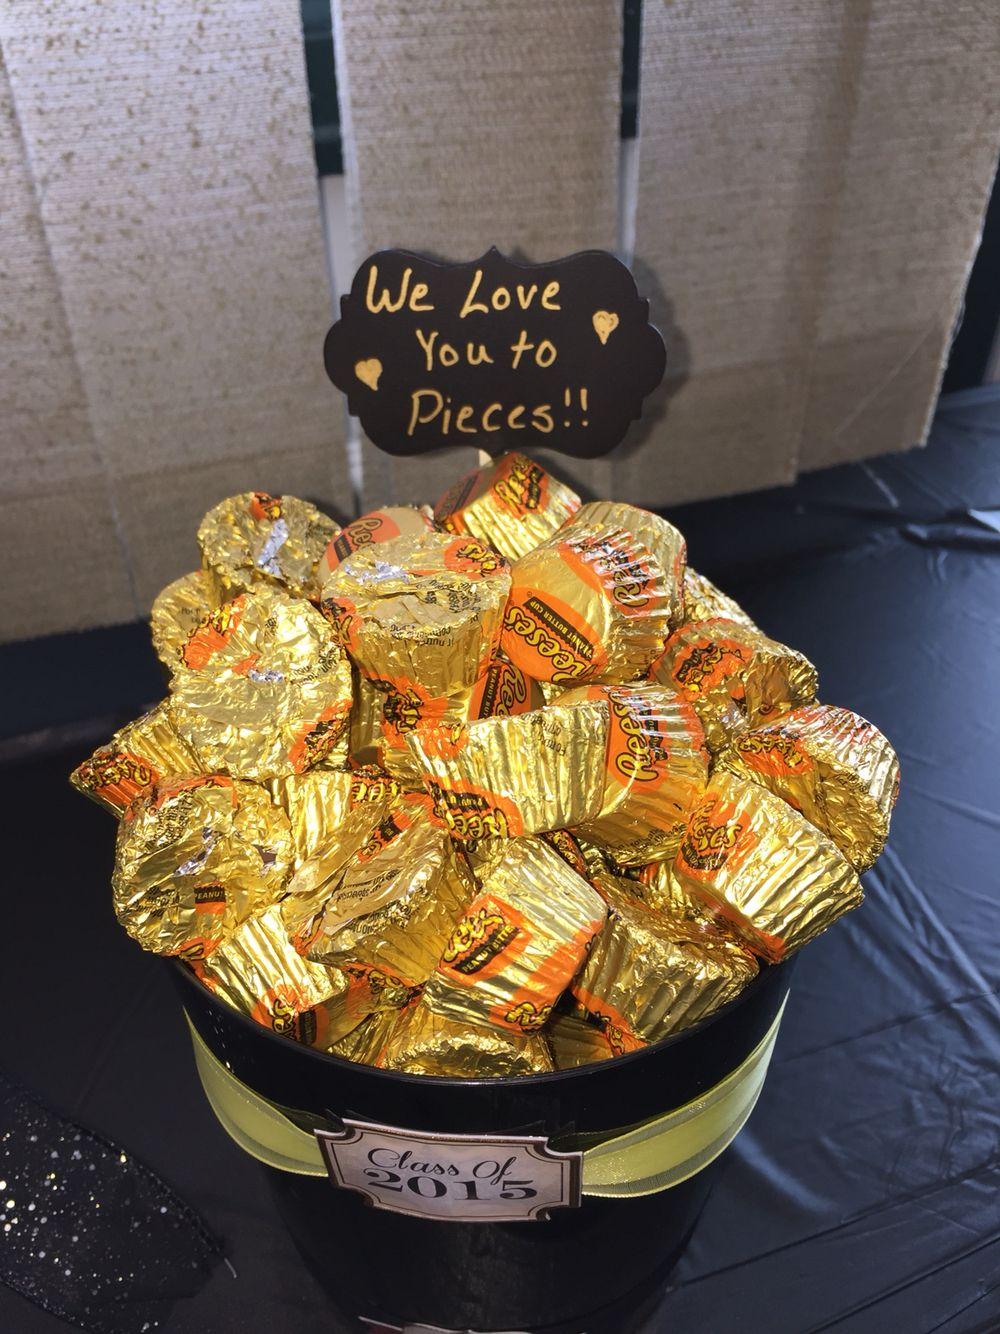 Candy centerpiece ideas special centerpiece ideas for graduation - Graduation Candy Bar Graduation Foodgraduation Decorationspreschool